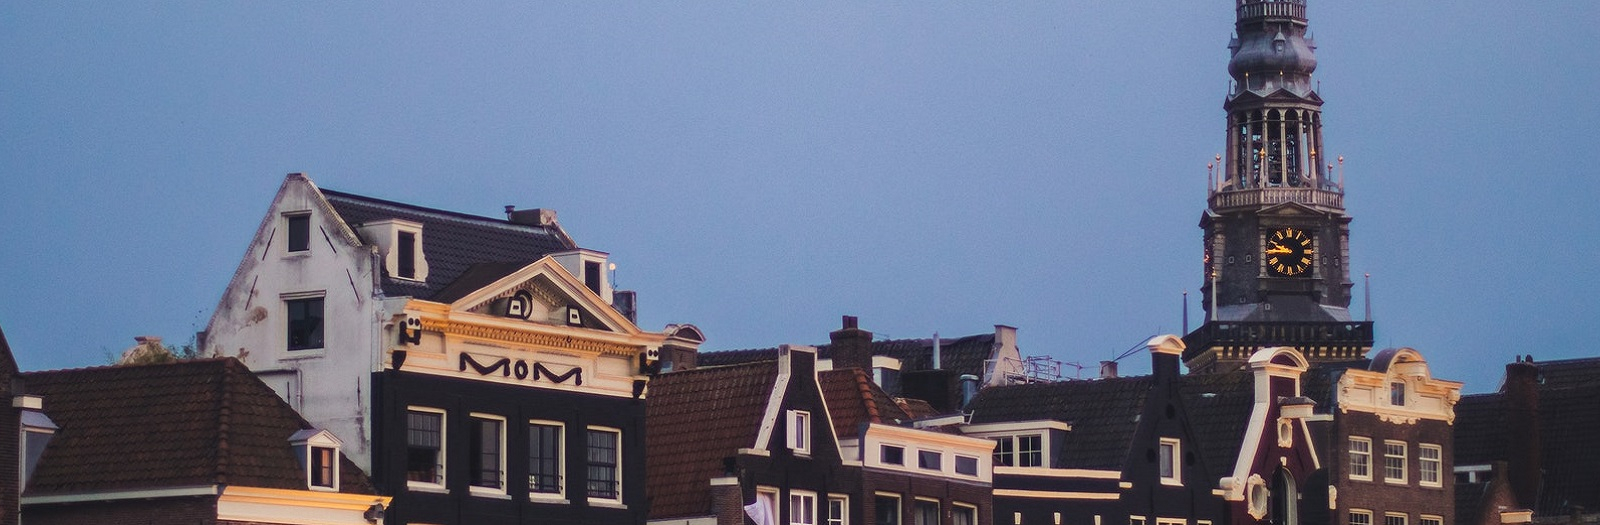 78 procent van de Nederlanders wil graag meer ruimte